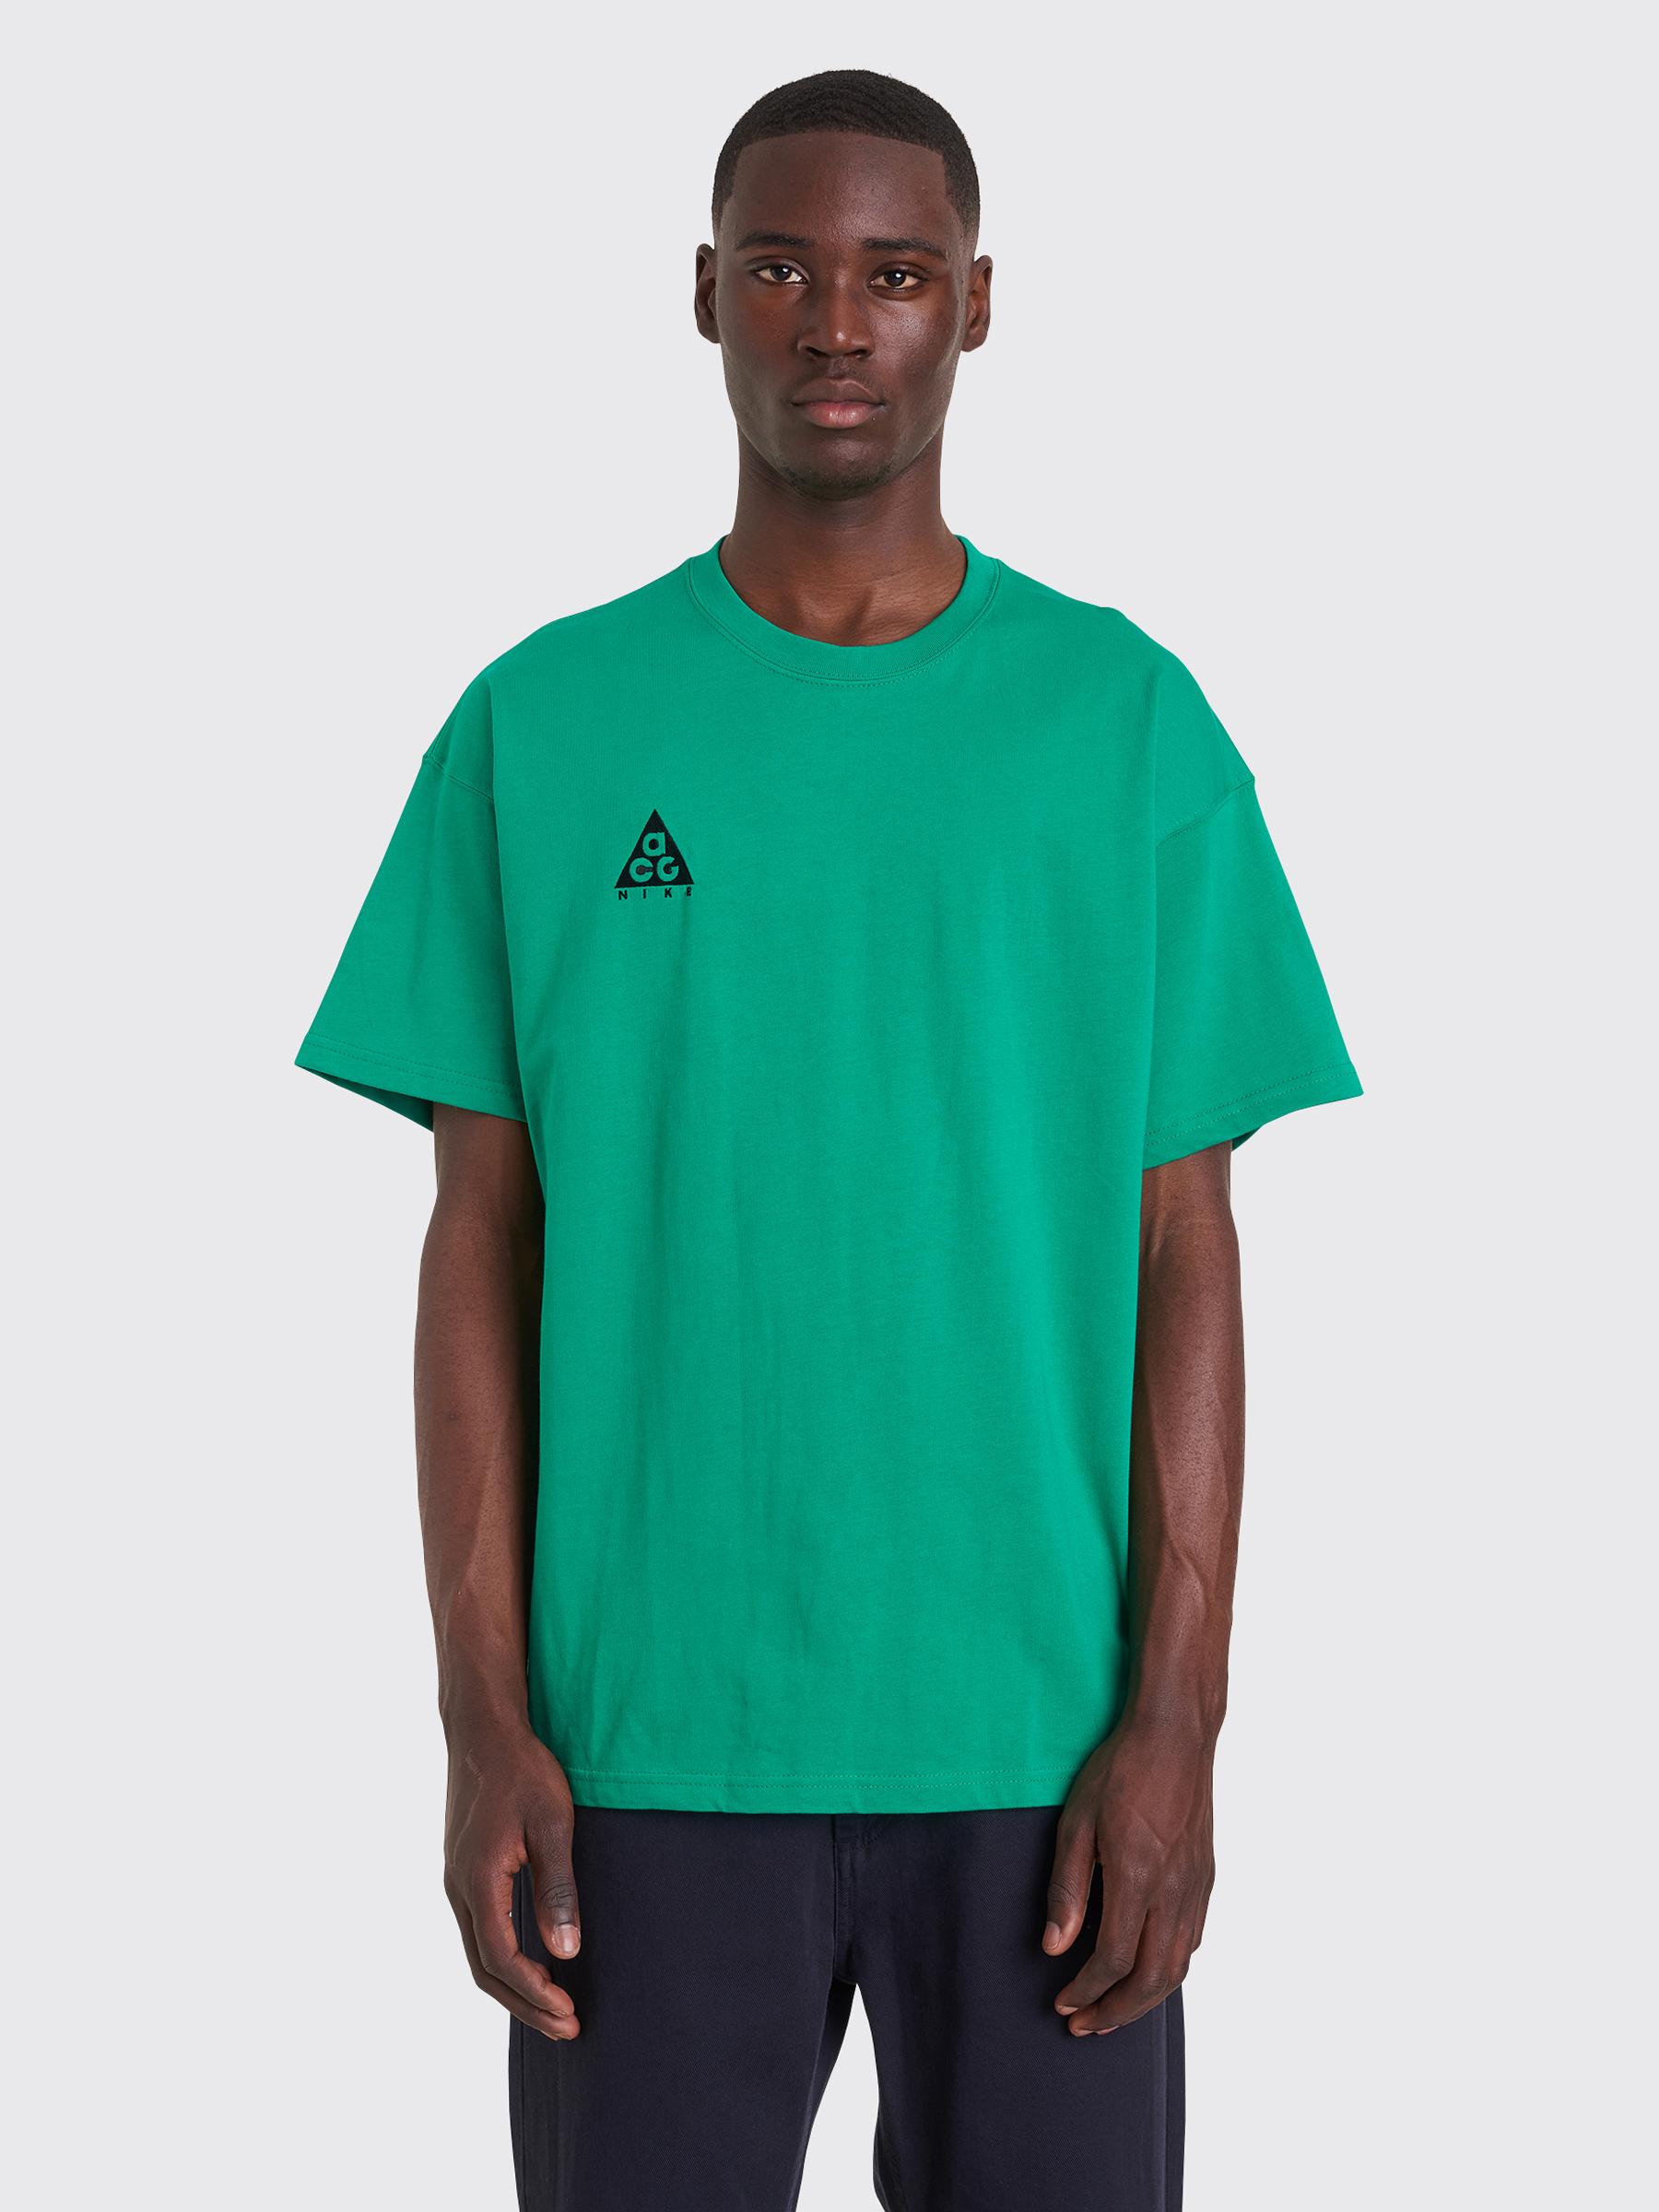 new product 86b1b 8ac36 Très Bien - Nike ACG NRG Logo Short Sleeve T-shirt Lucid Green